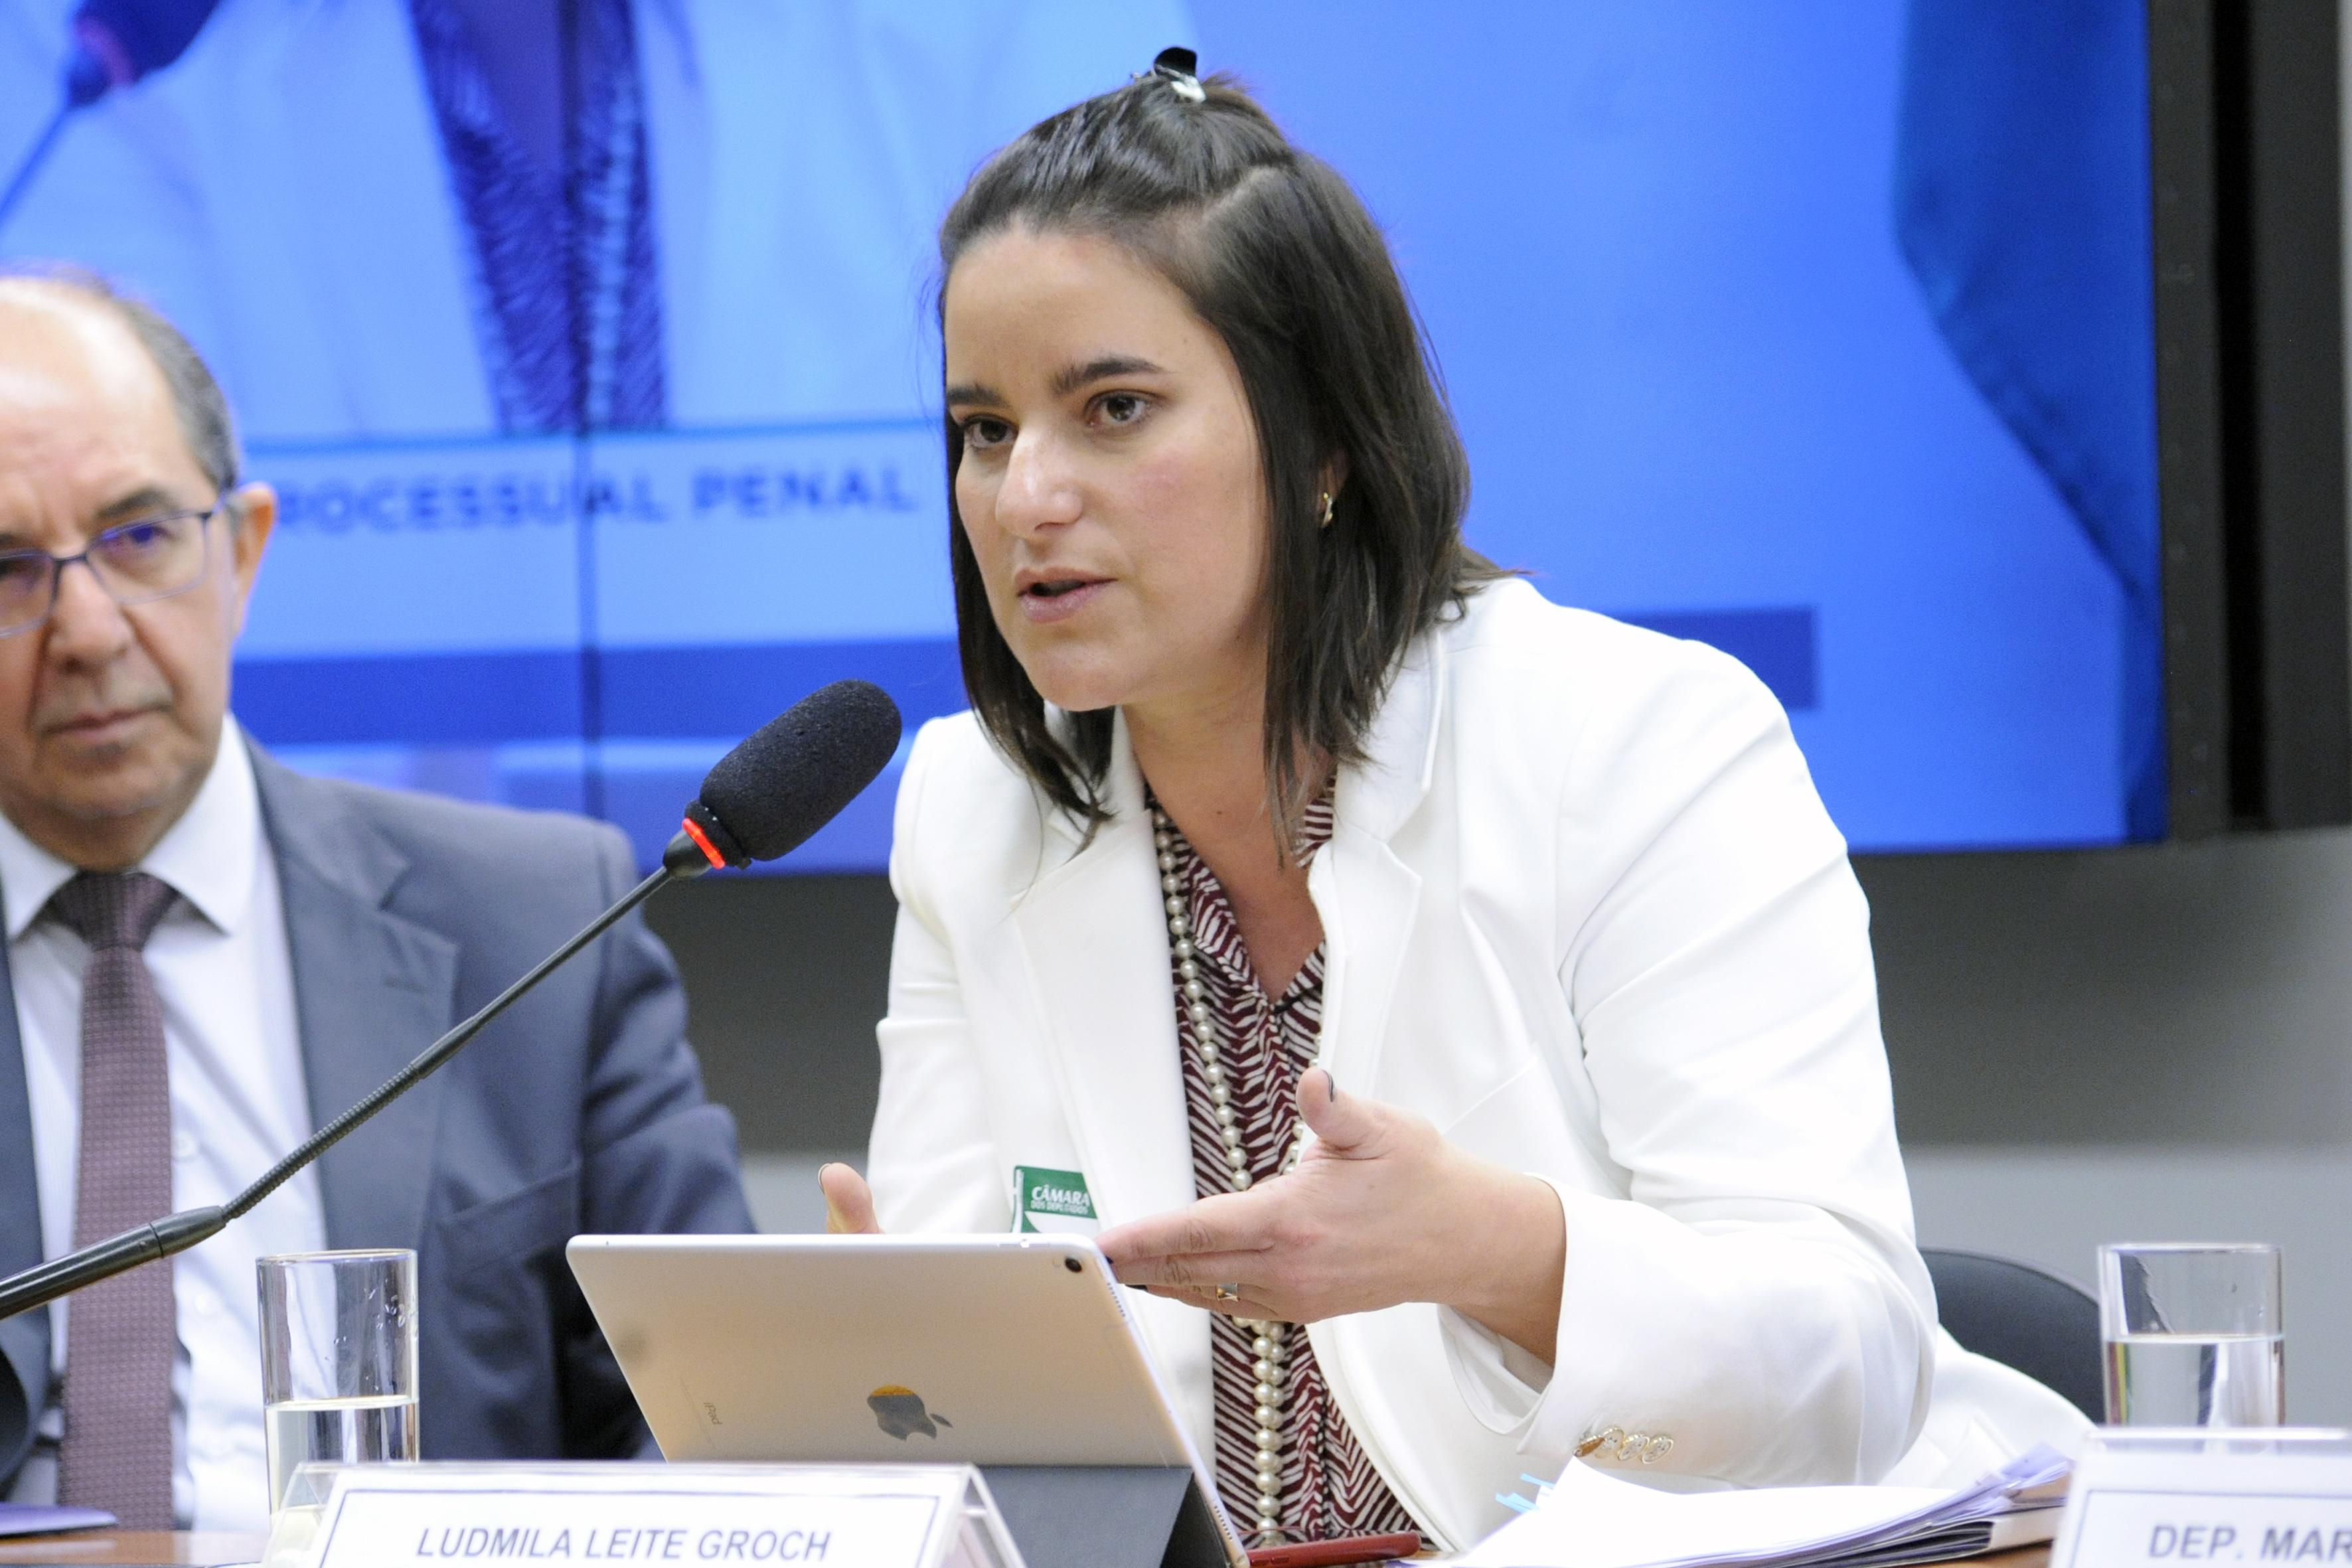 Audiência pública sobre as mudanças na legislação penal e processual penal. Senhorita Ludmila Leite Groch